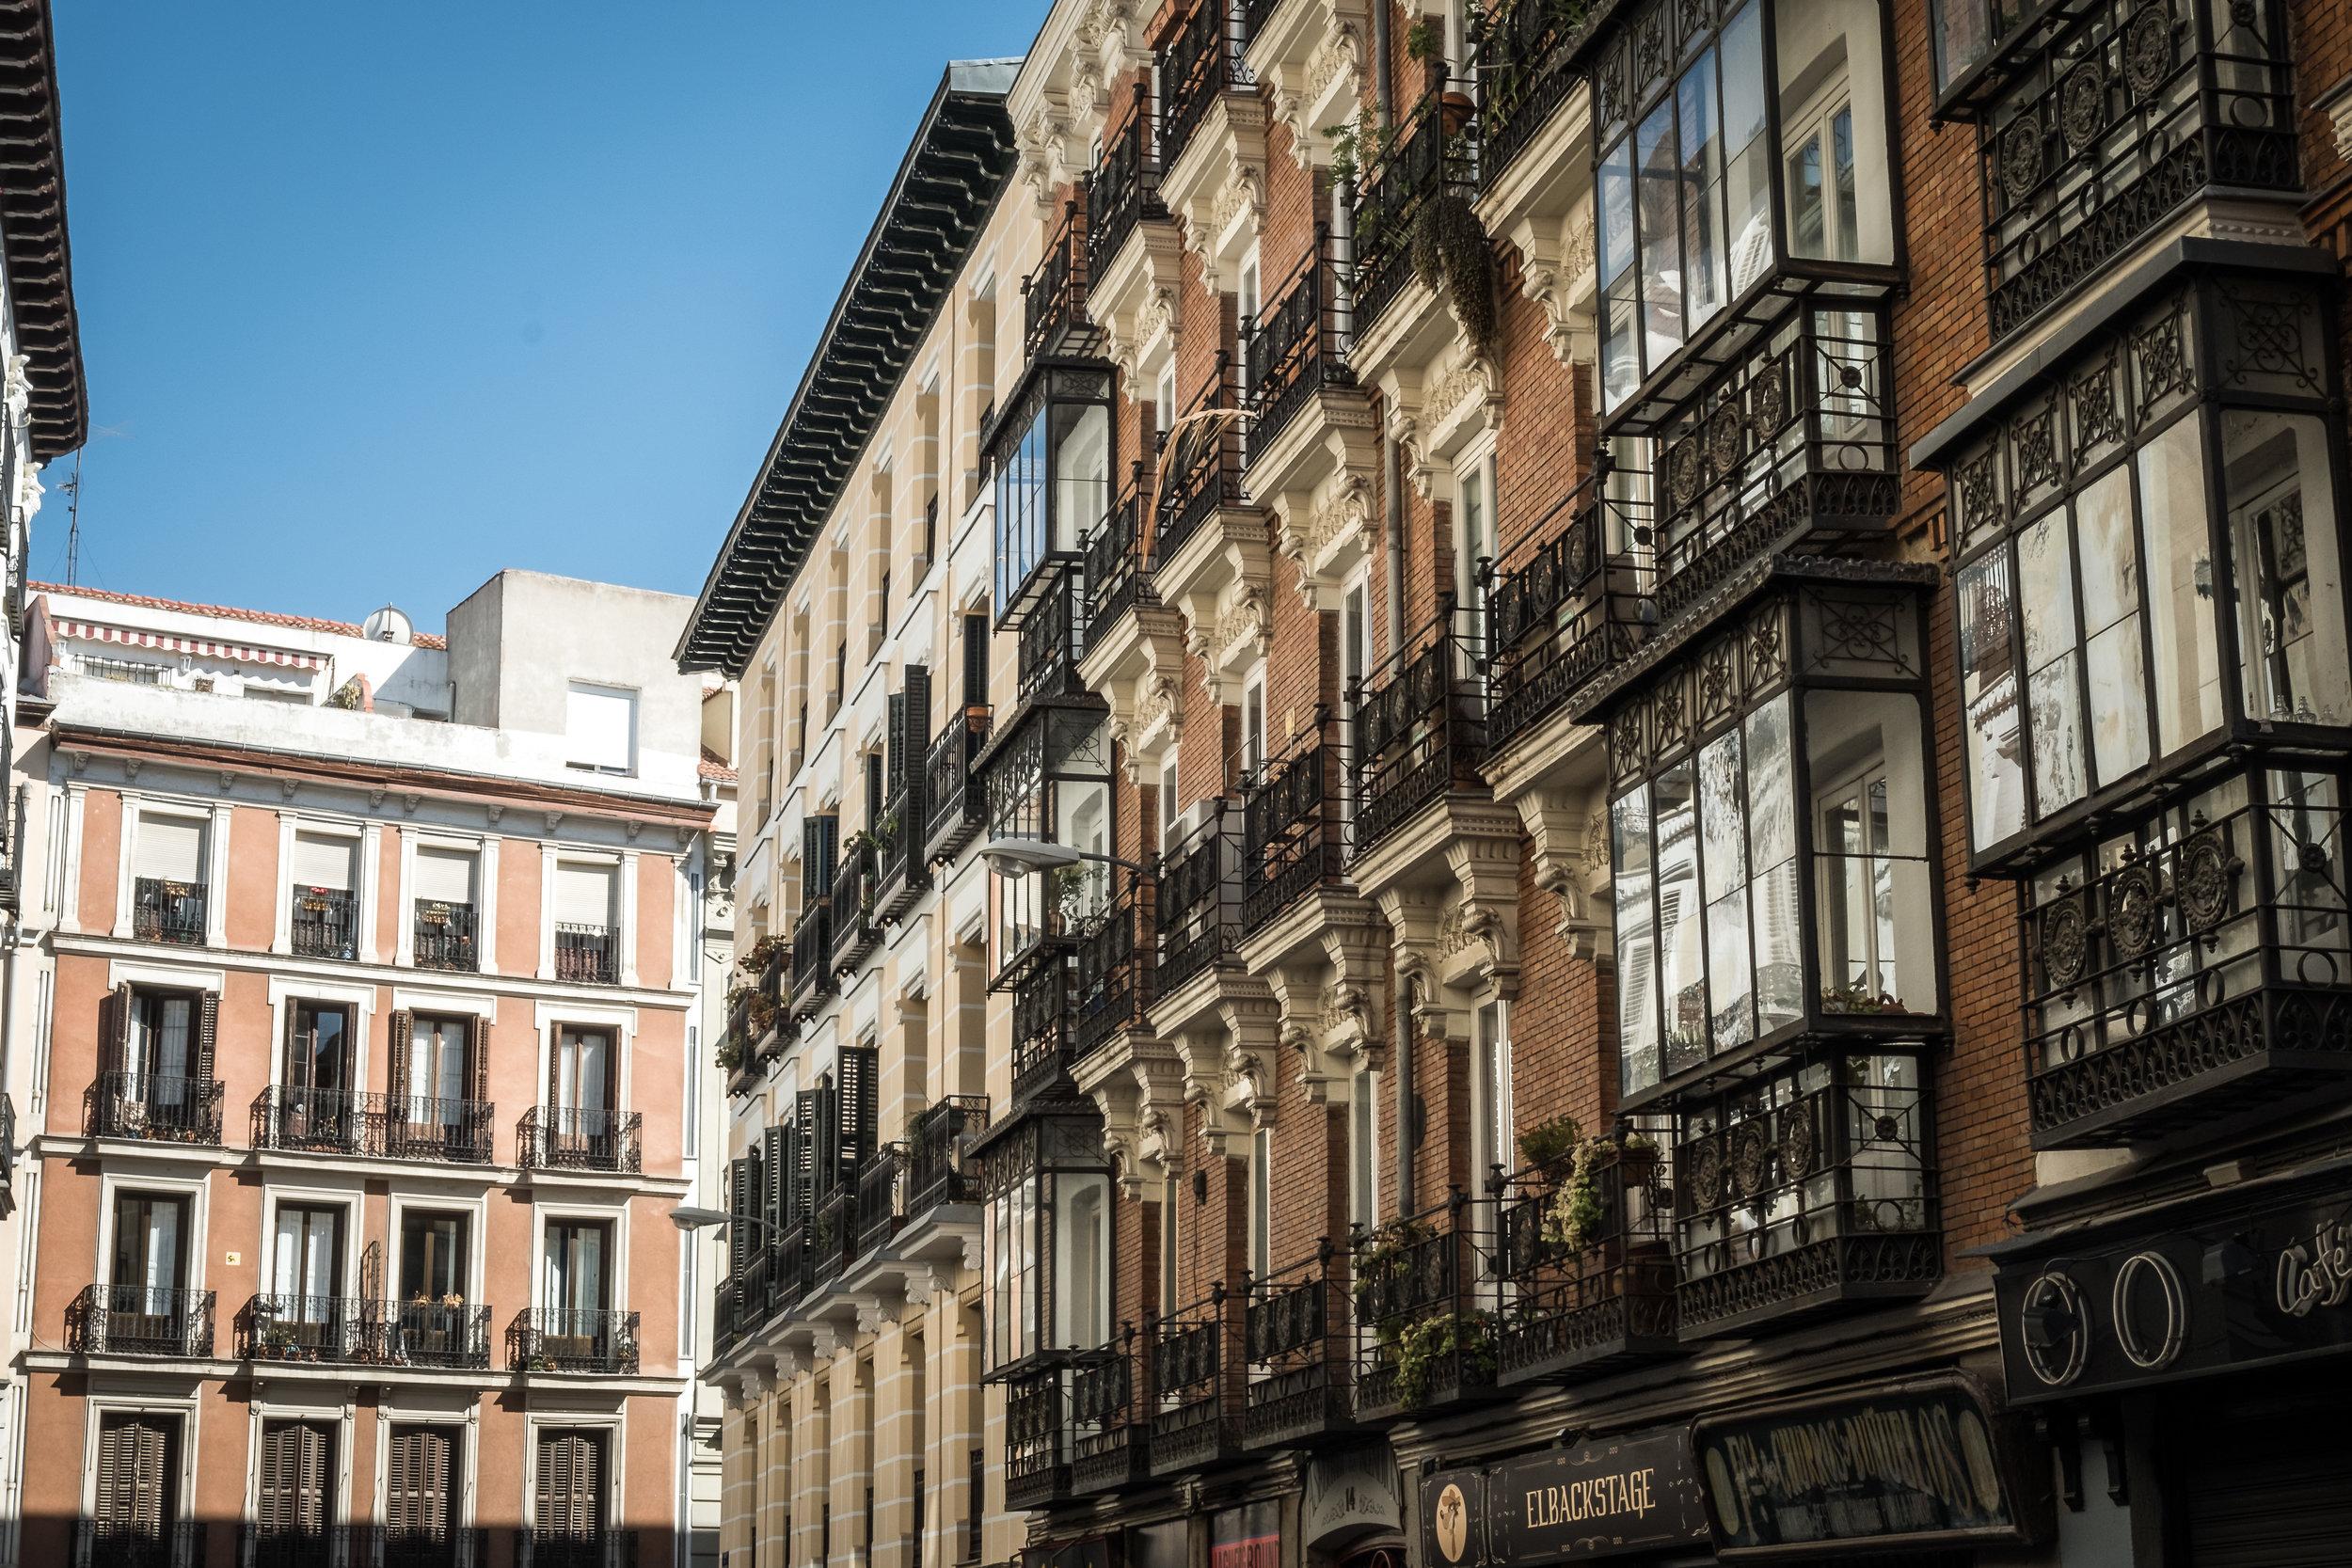 7_buildings-8.jpg